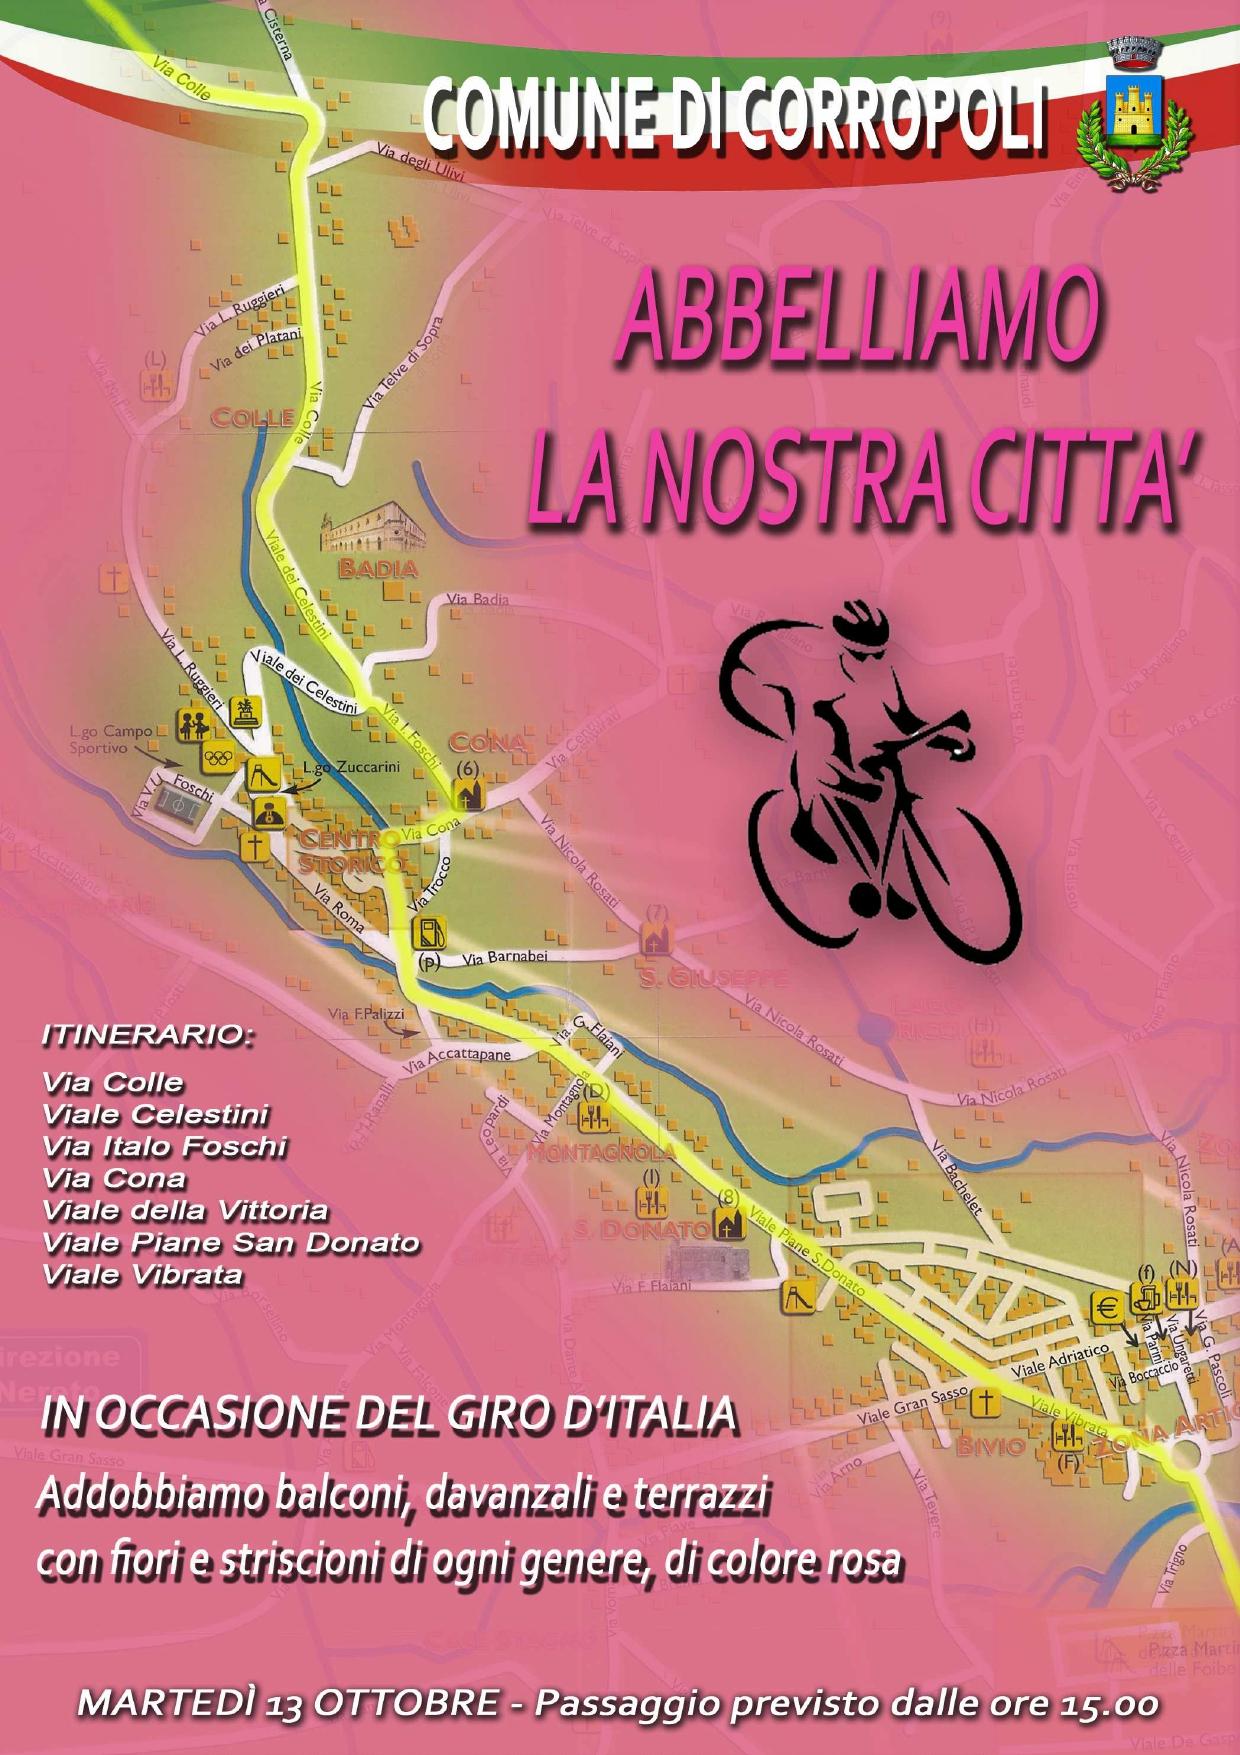 GIRO D'ITALIA - Abbelliamo la nostra